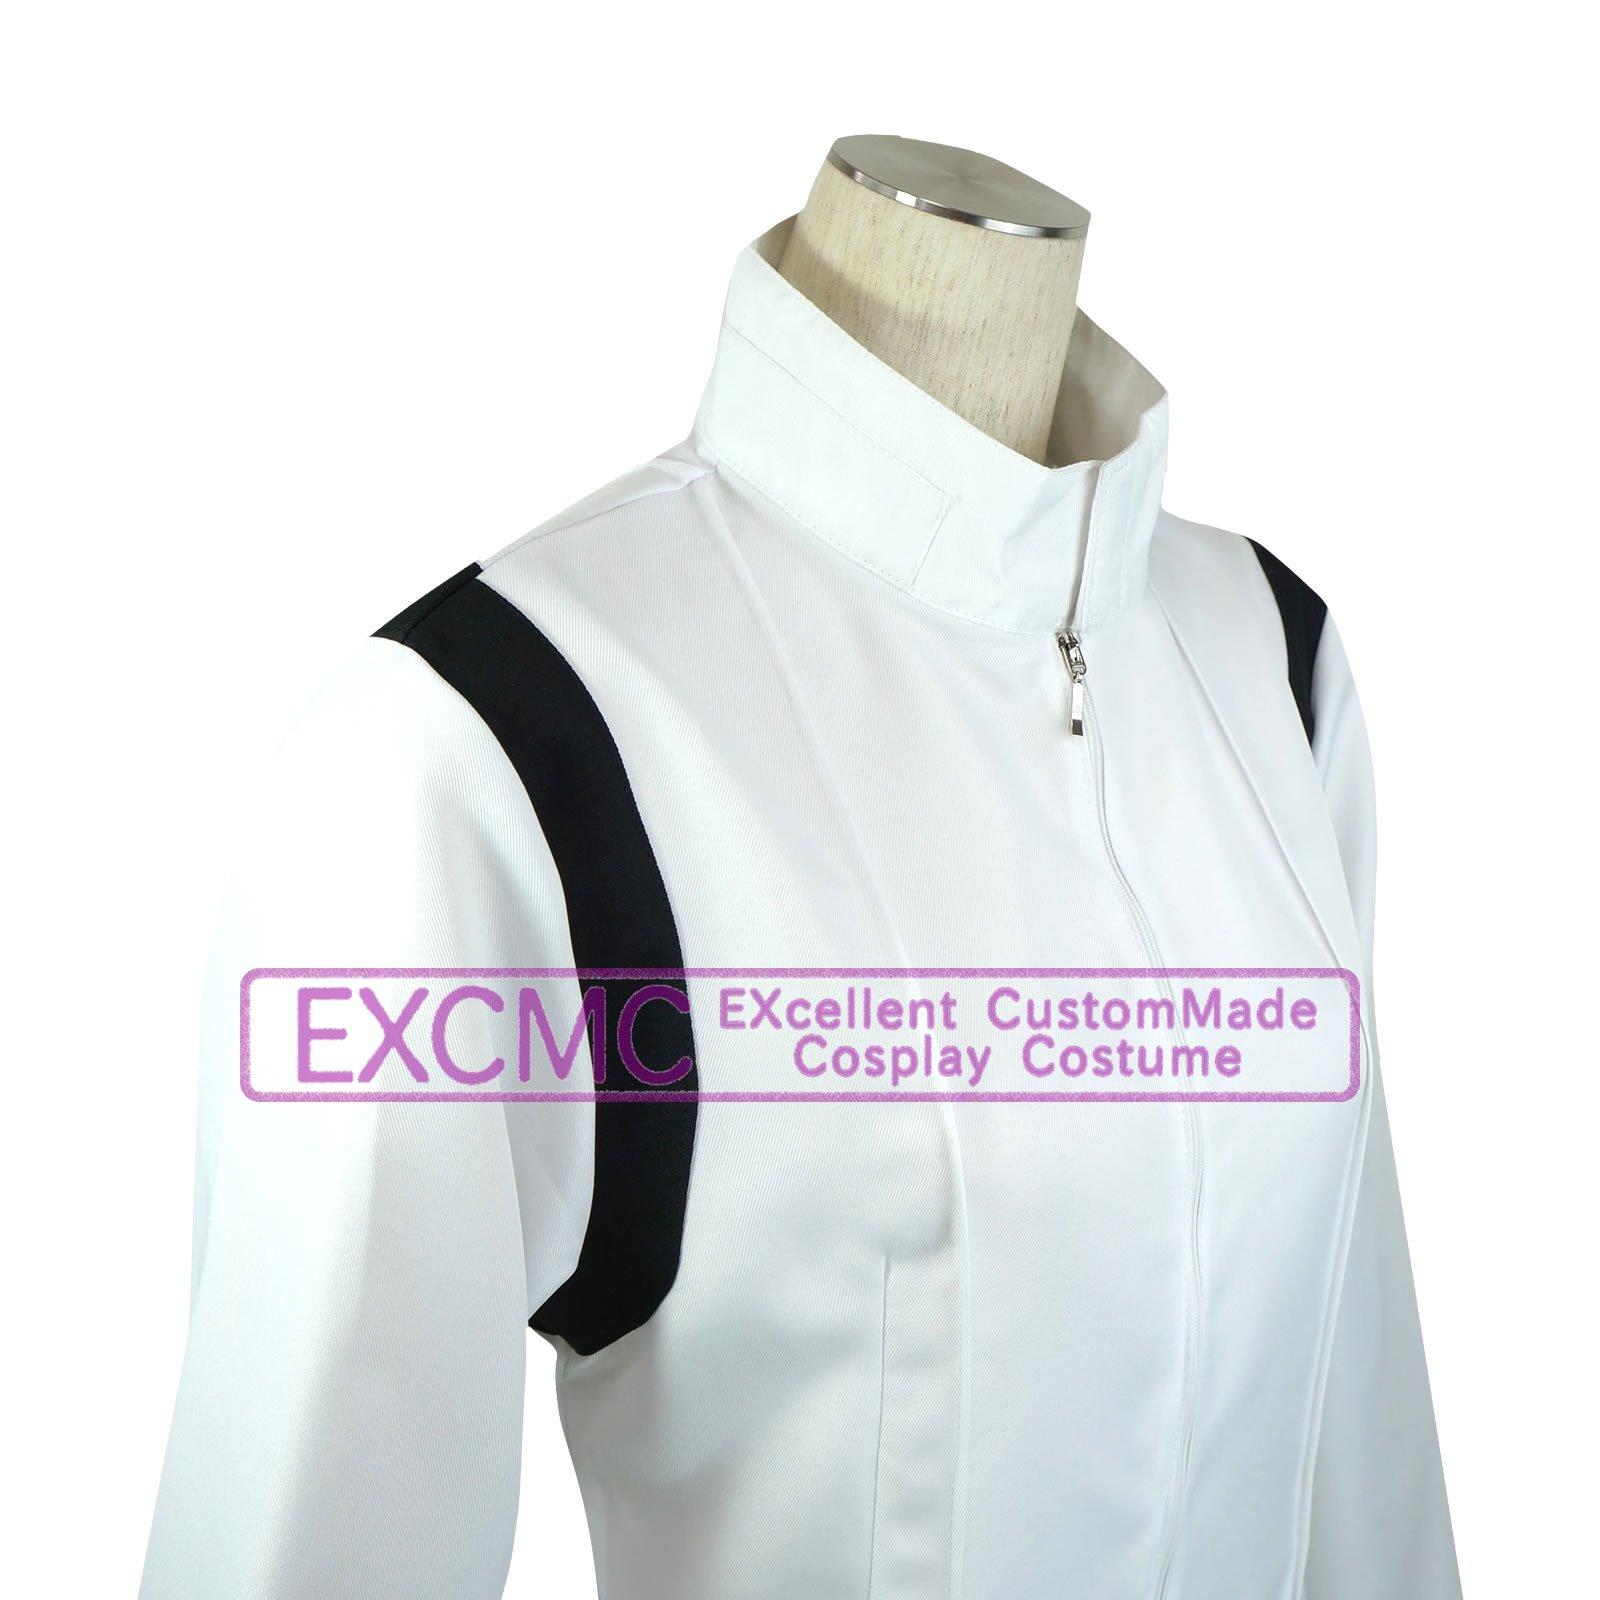 シドニアの騎士 科戸瀬イザナ 風 コスプレ衣装4